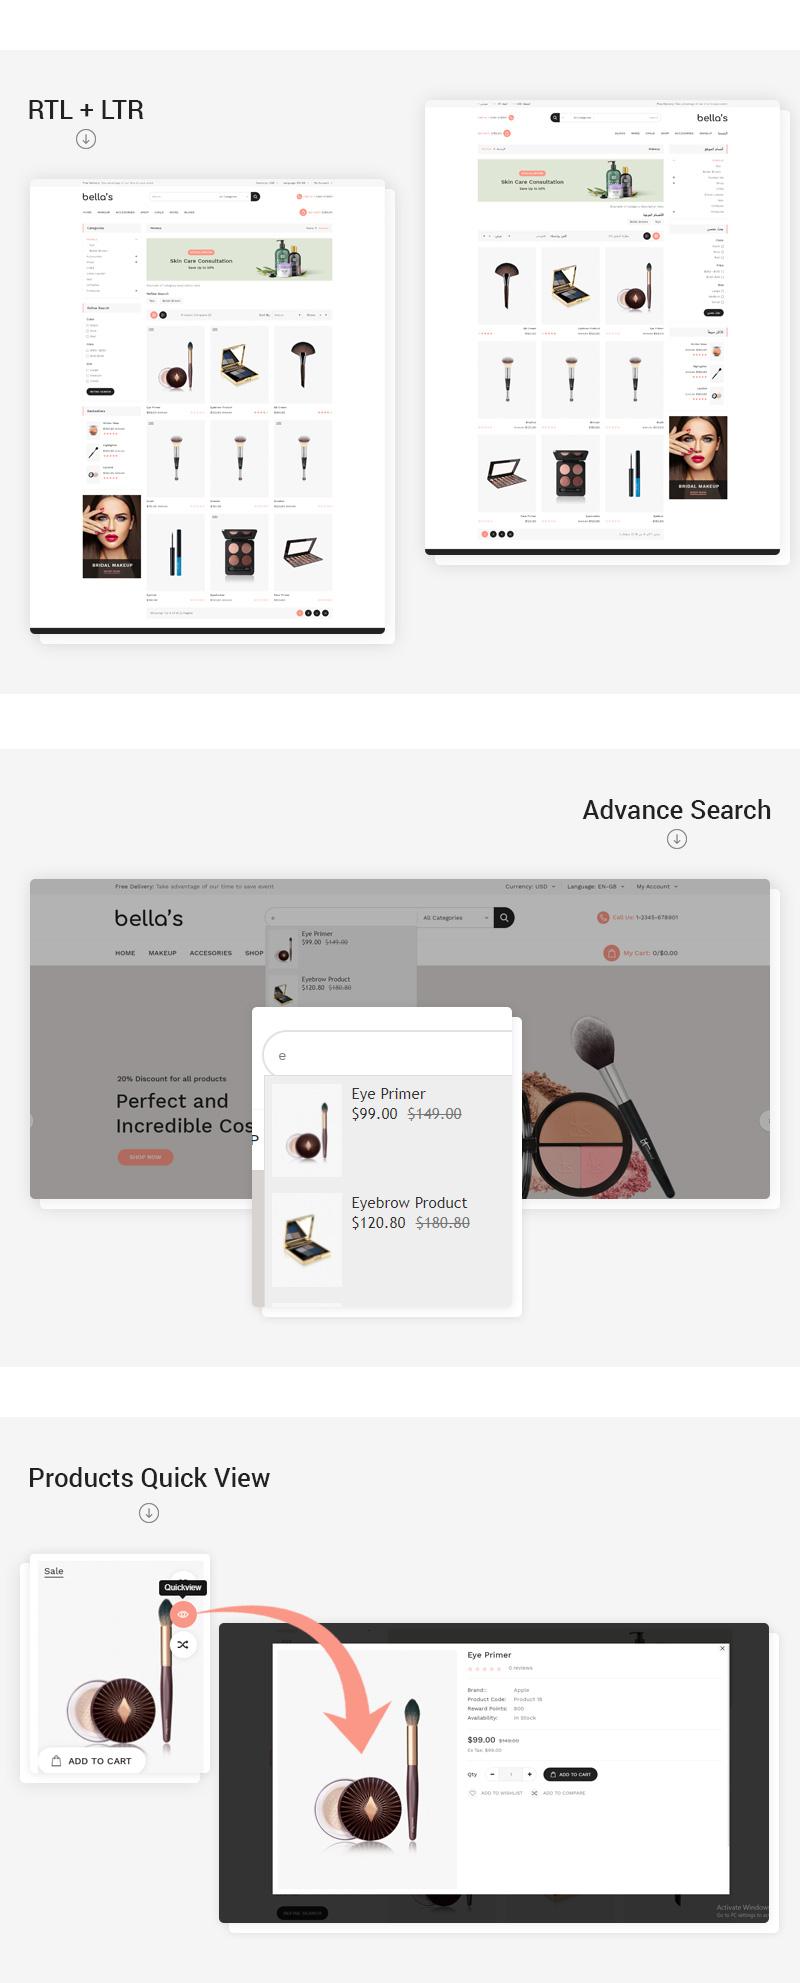 bellas-features-2.jpg